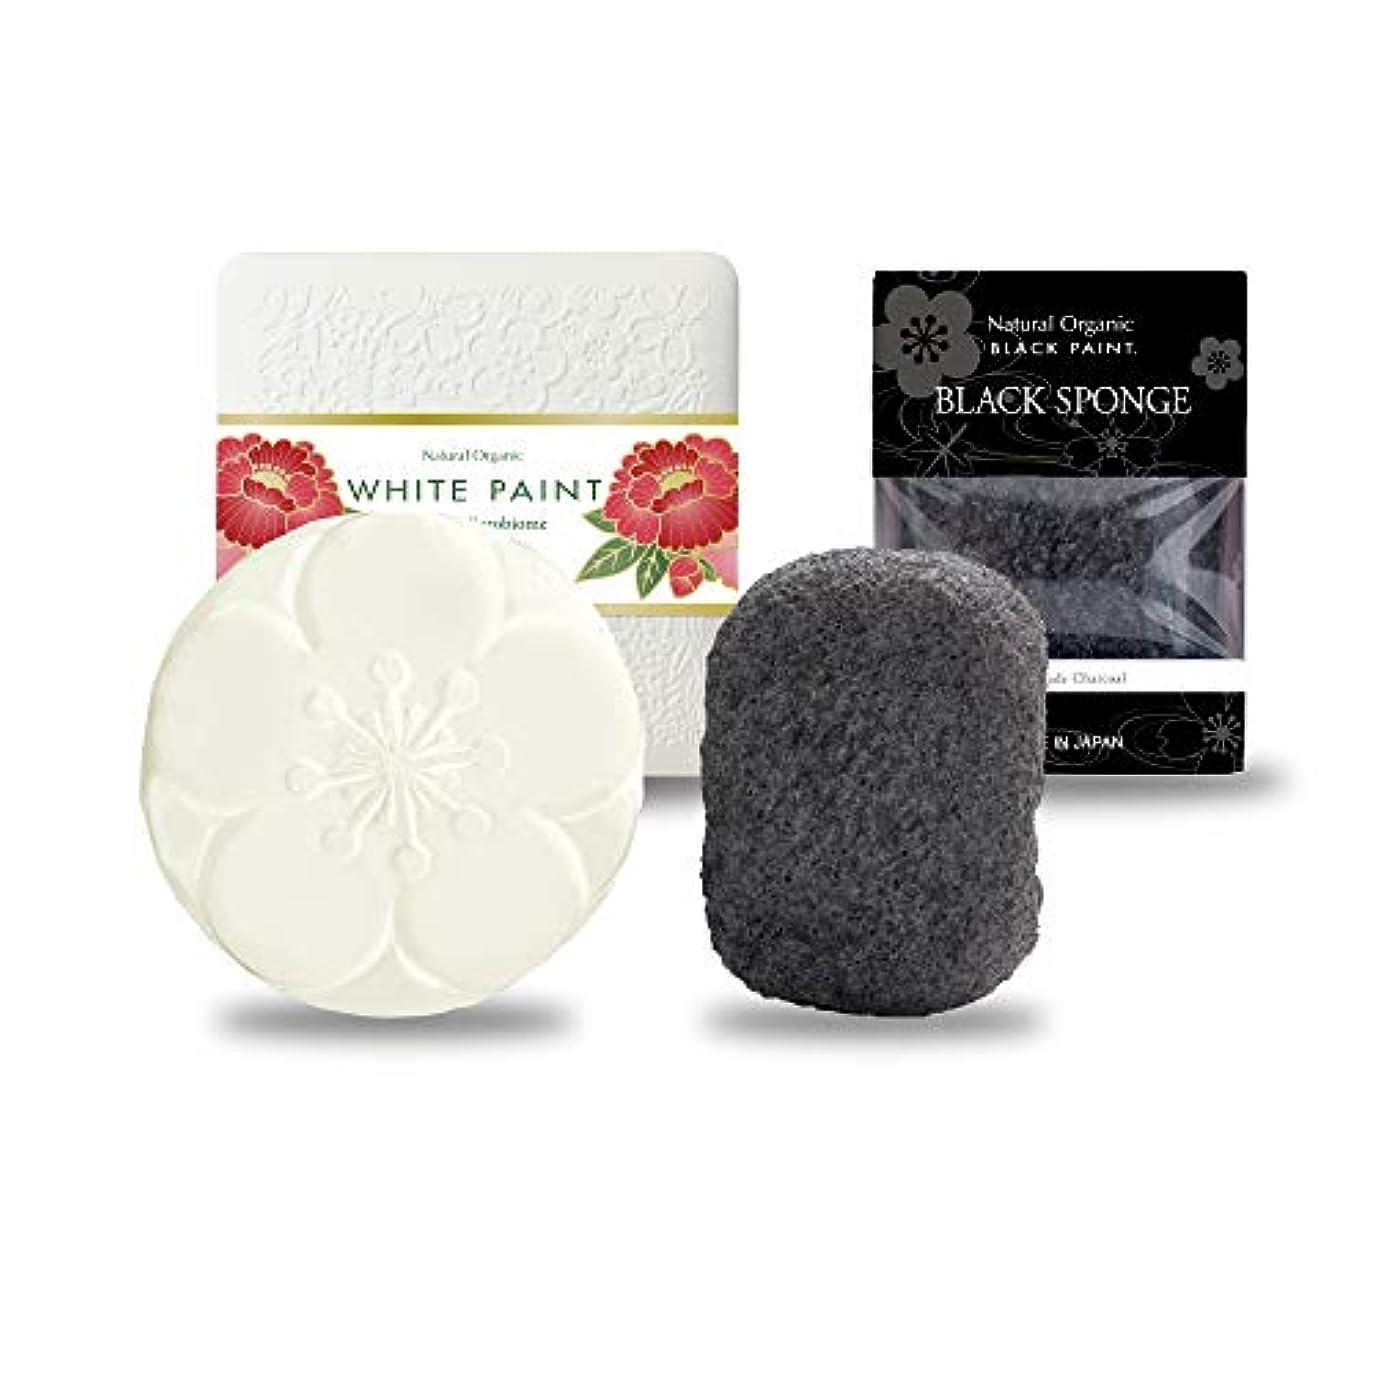 凝視風刺コミュニティプレミアムホワイトペイント60g&ブラックスポンジ 洗顔セット